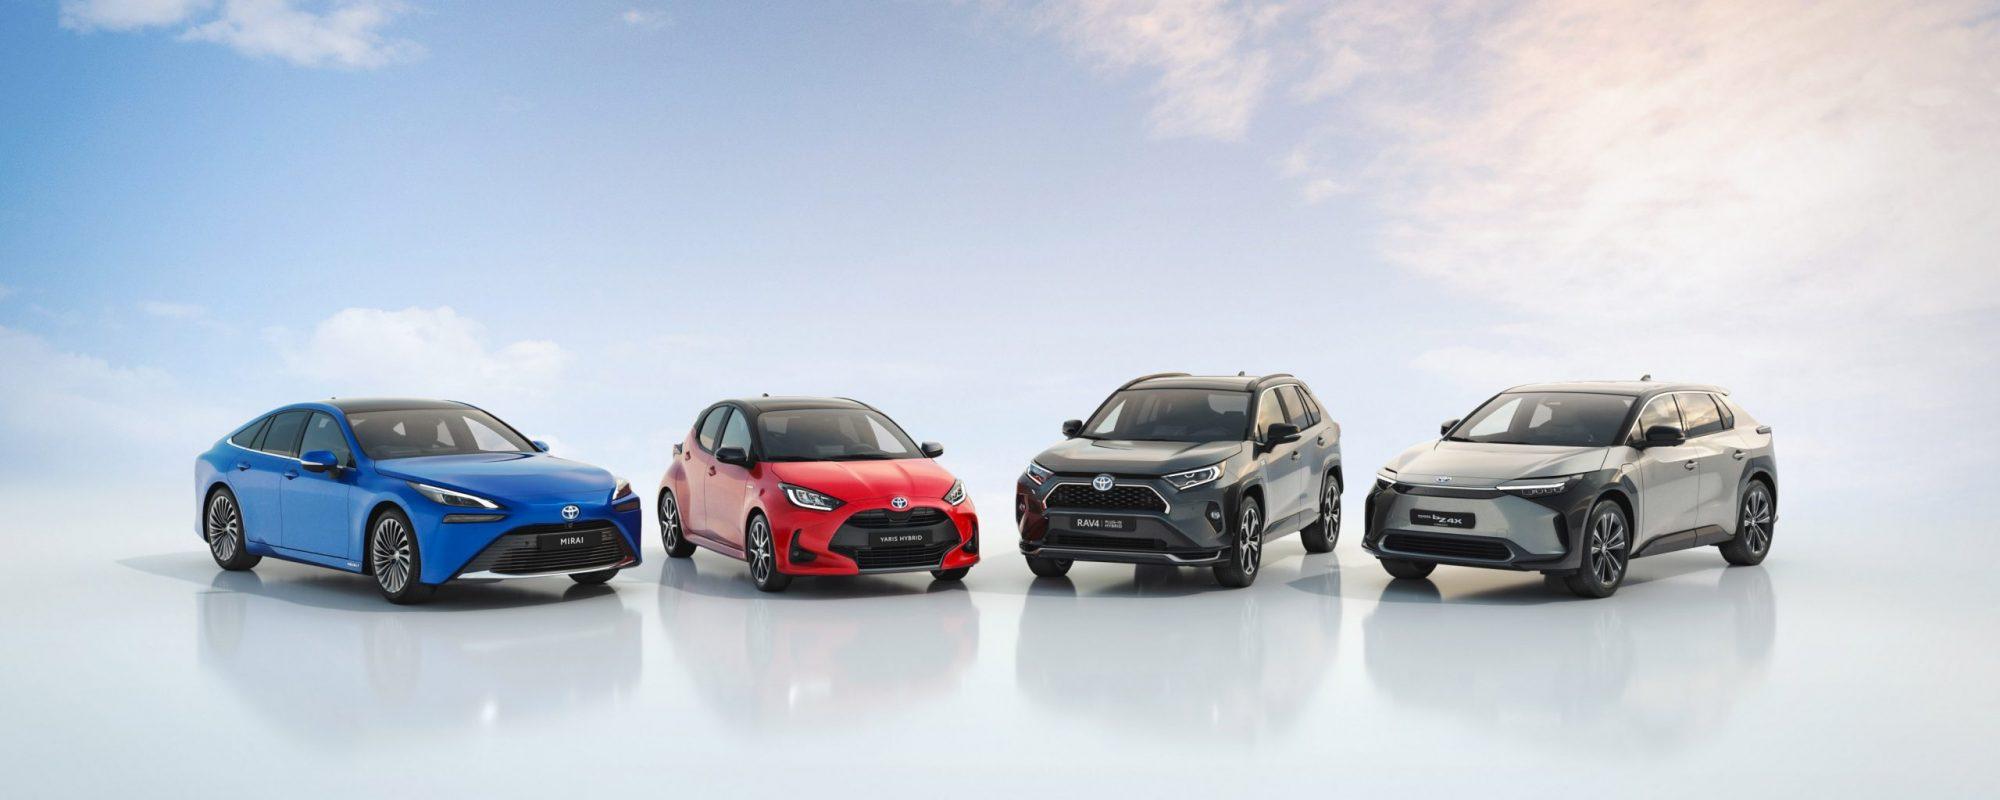 Toyota communiceert wereldwijde jaarresultaten en herbevestigt inzet op CO2-neutraliteit